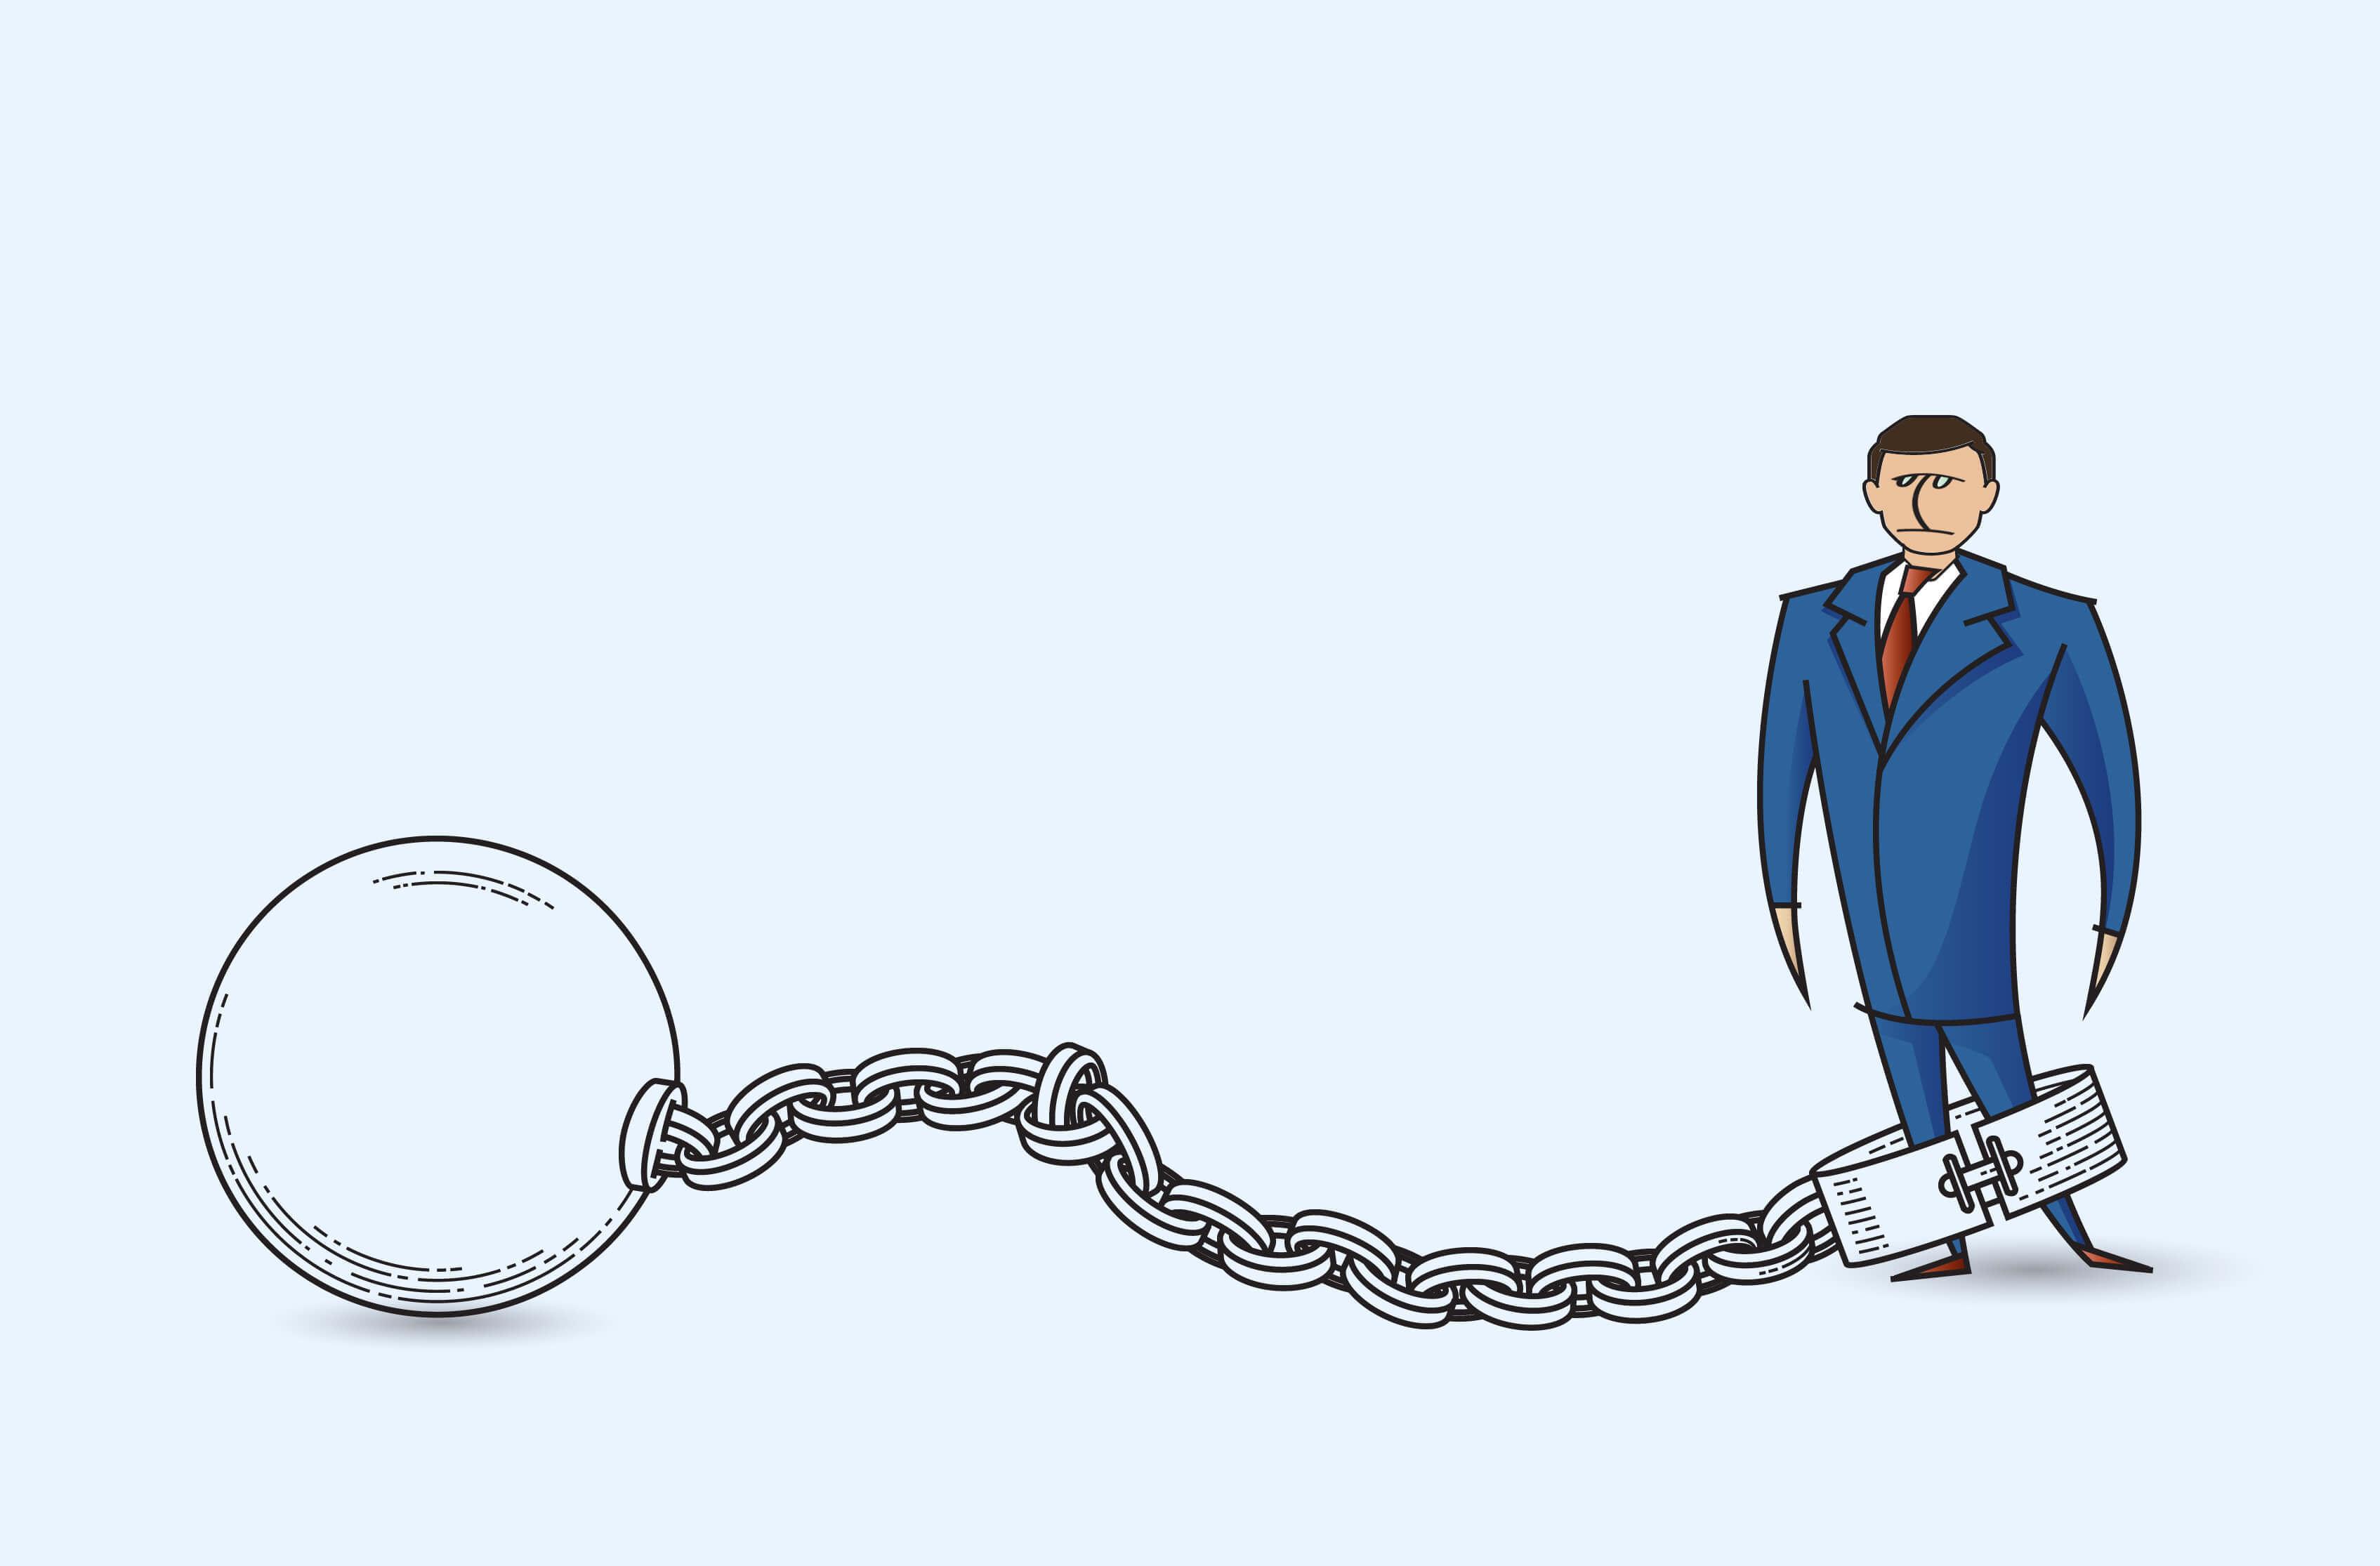 経営者 鎖で繋がれた図